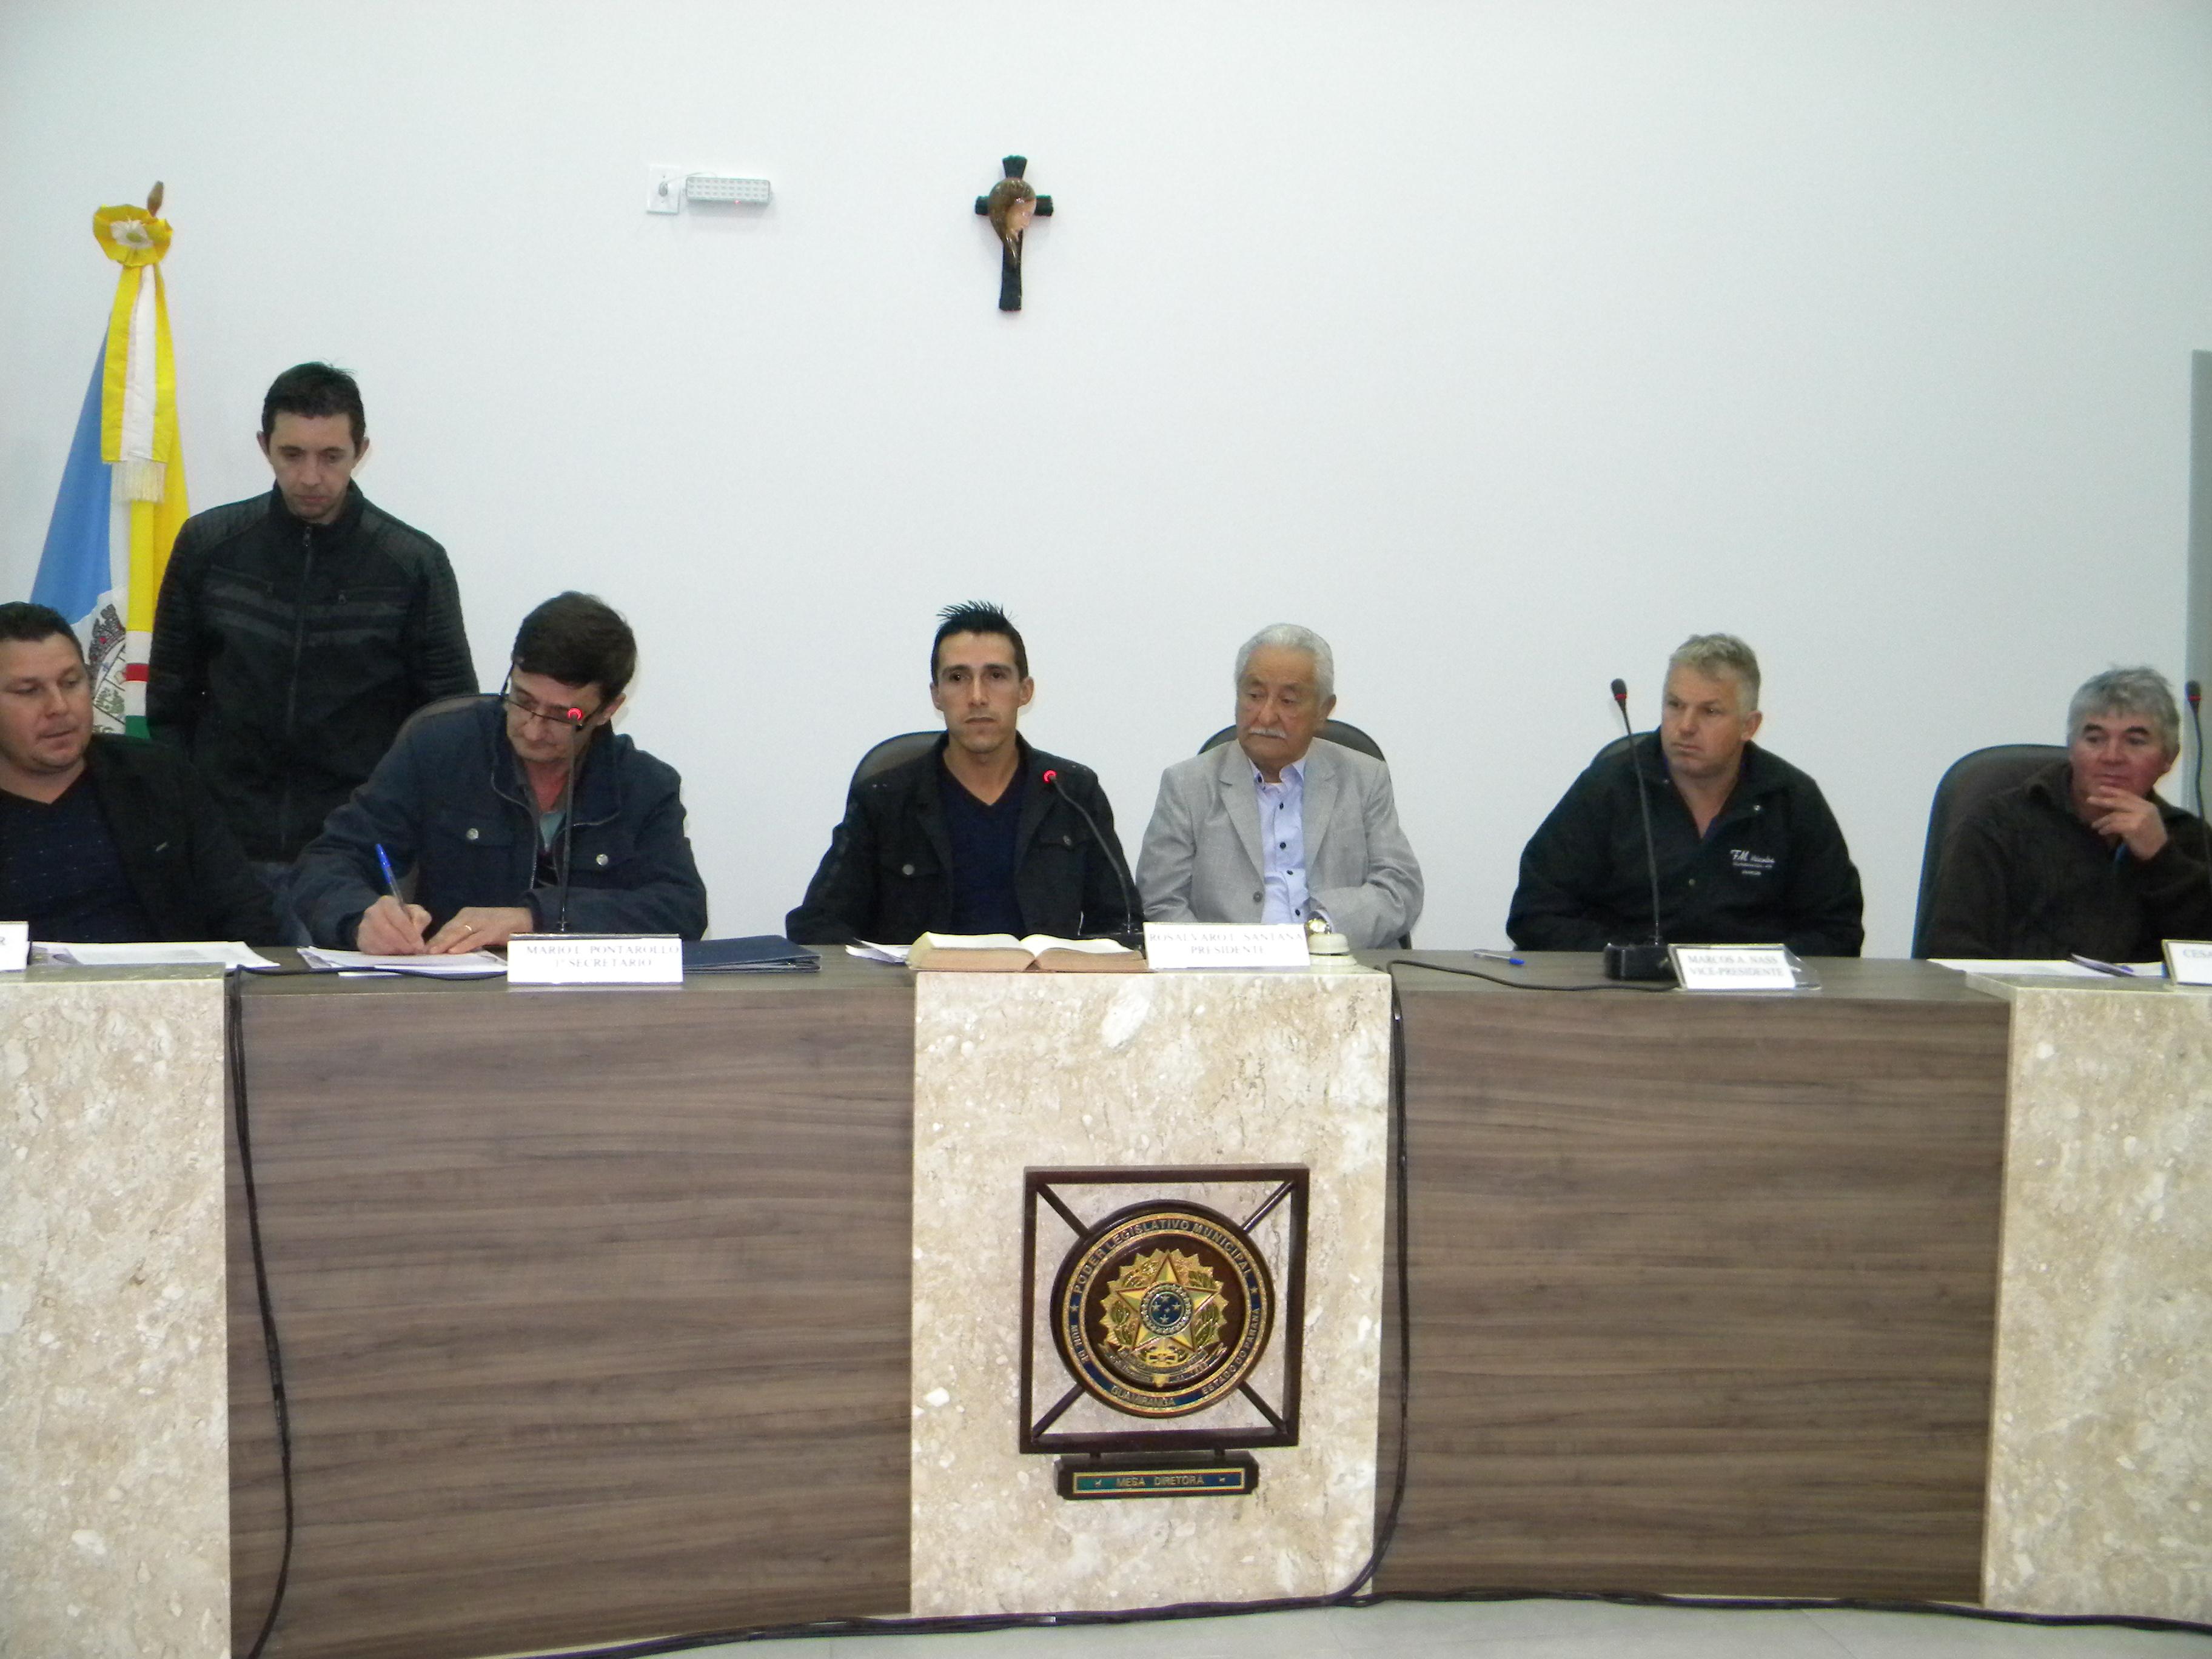 O Prefeito Ângelo Machado do Nascimento participou da sessão.